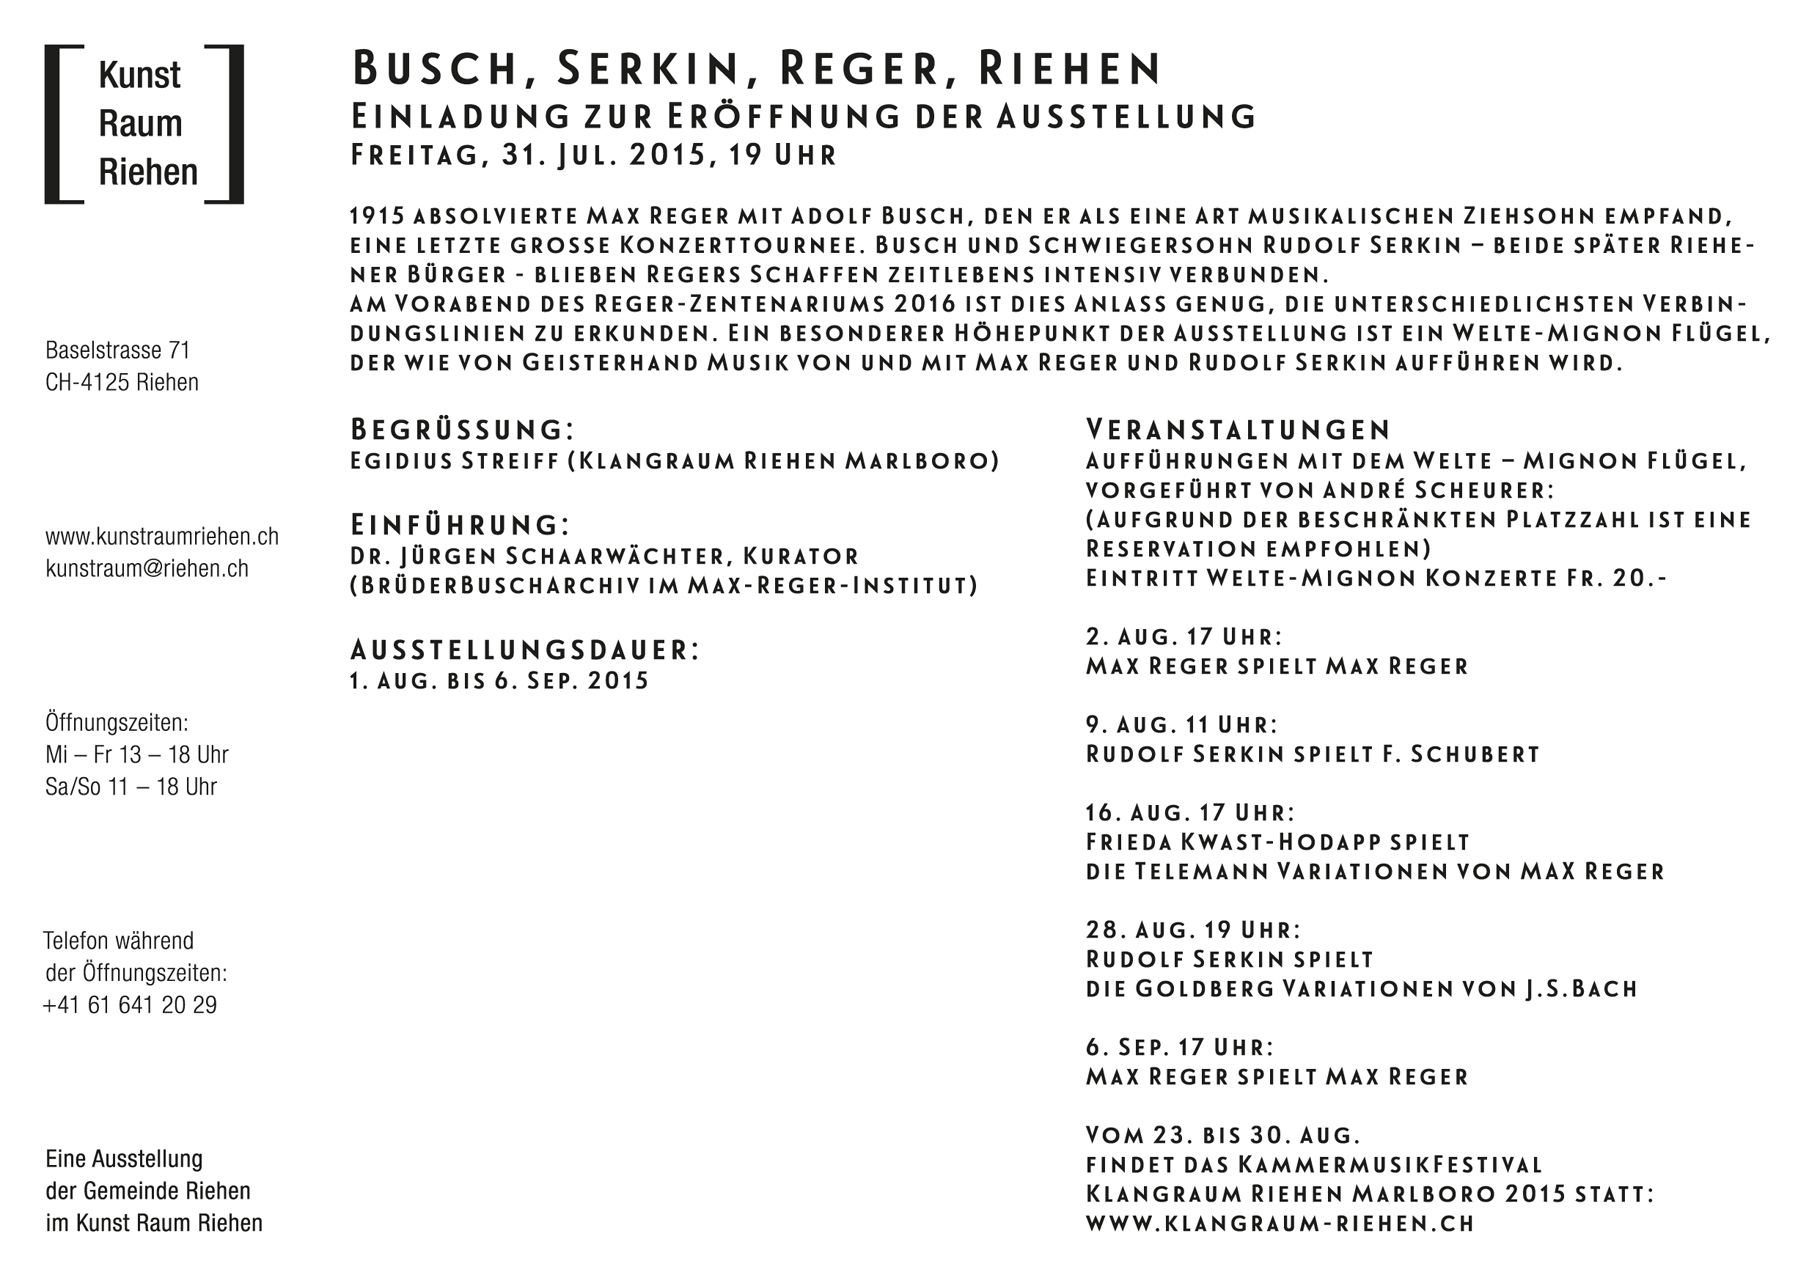 Klangraum Riehen Marlboro, Ausstellung, Flyer A5 Rückseite